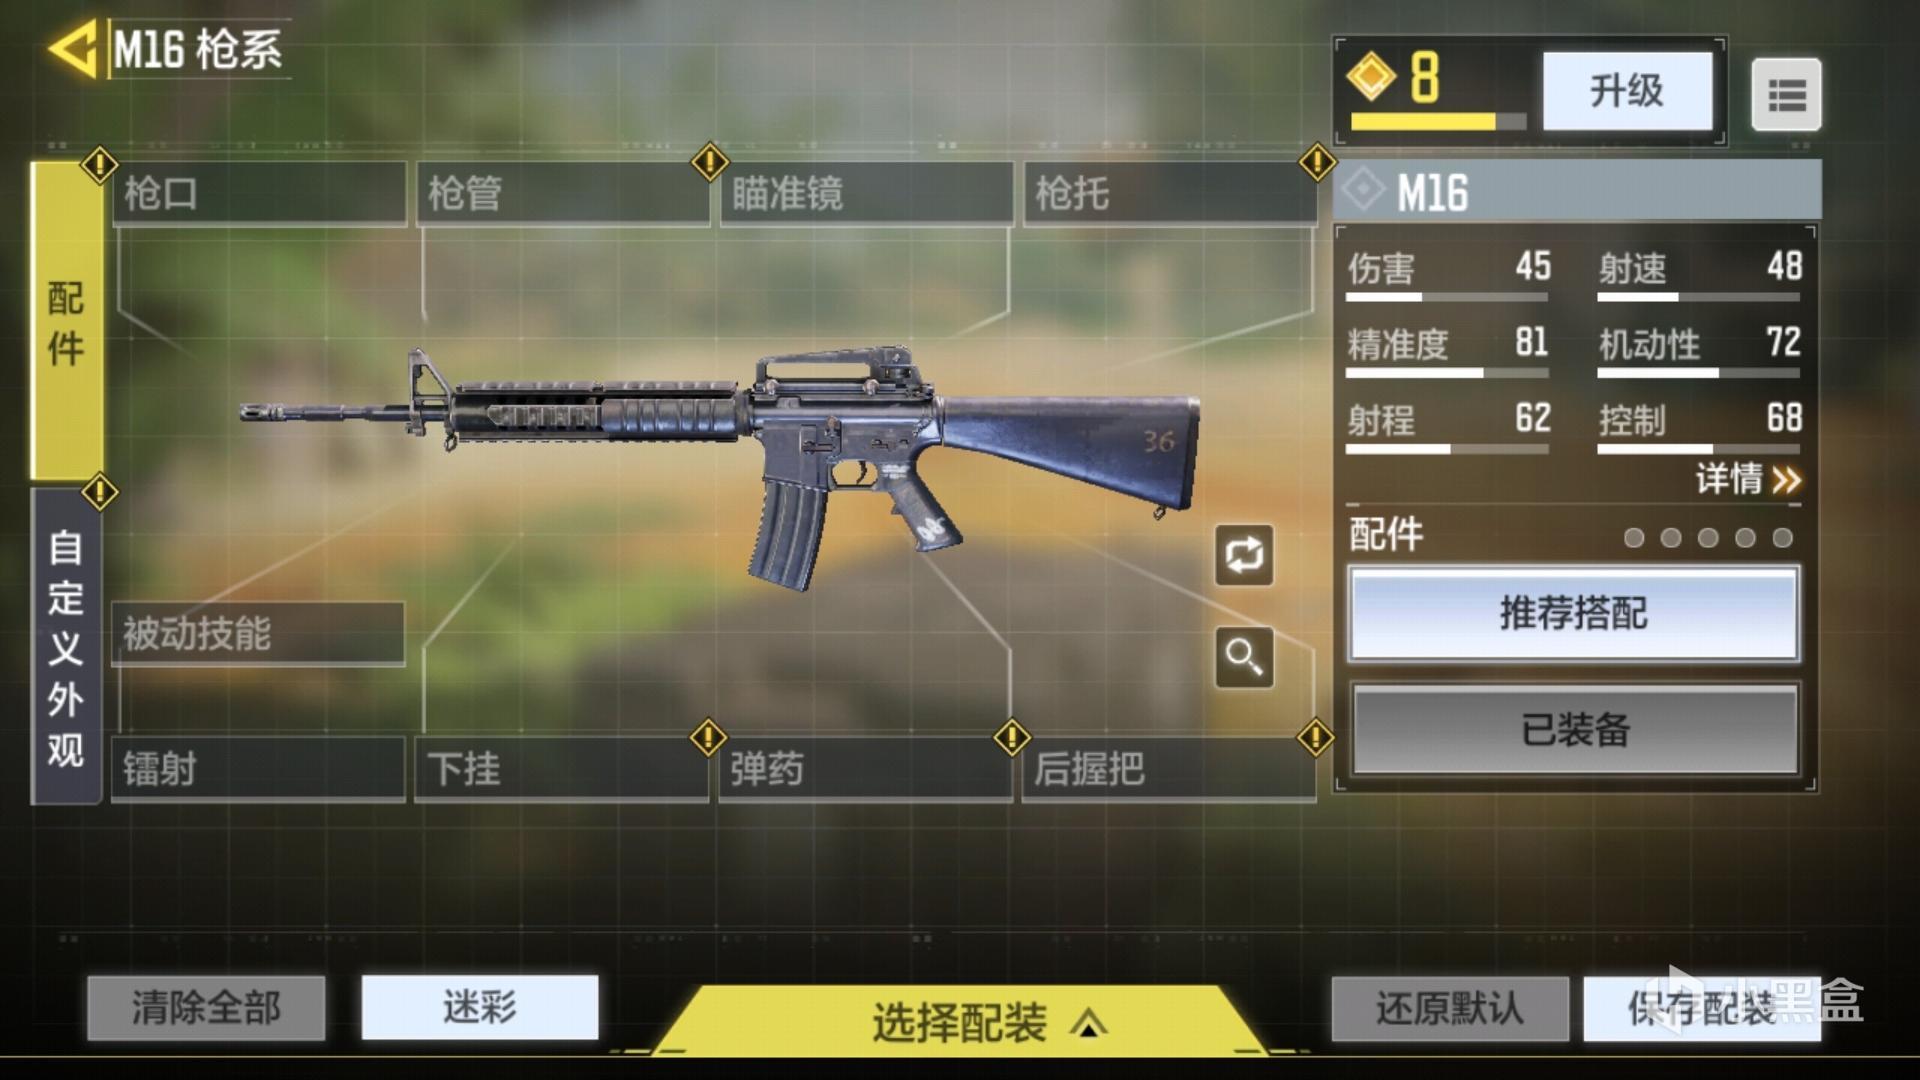 CODM突击步枪M16:杀敌高效的精准打击者